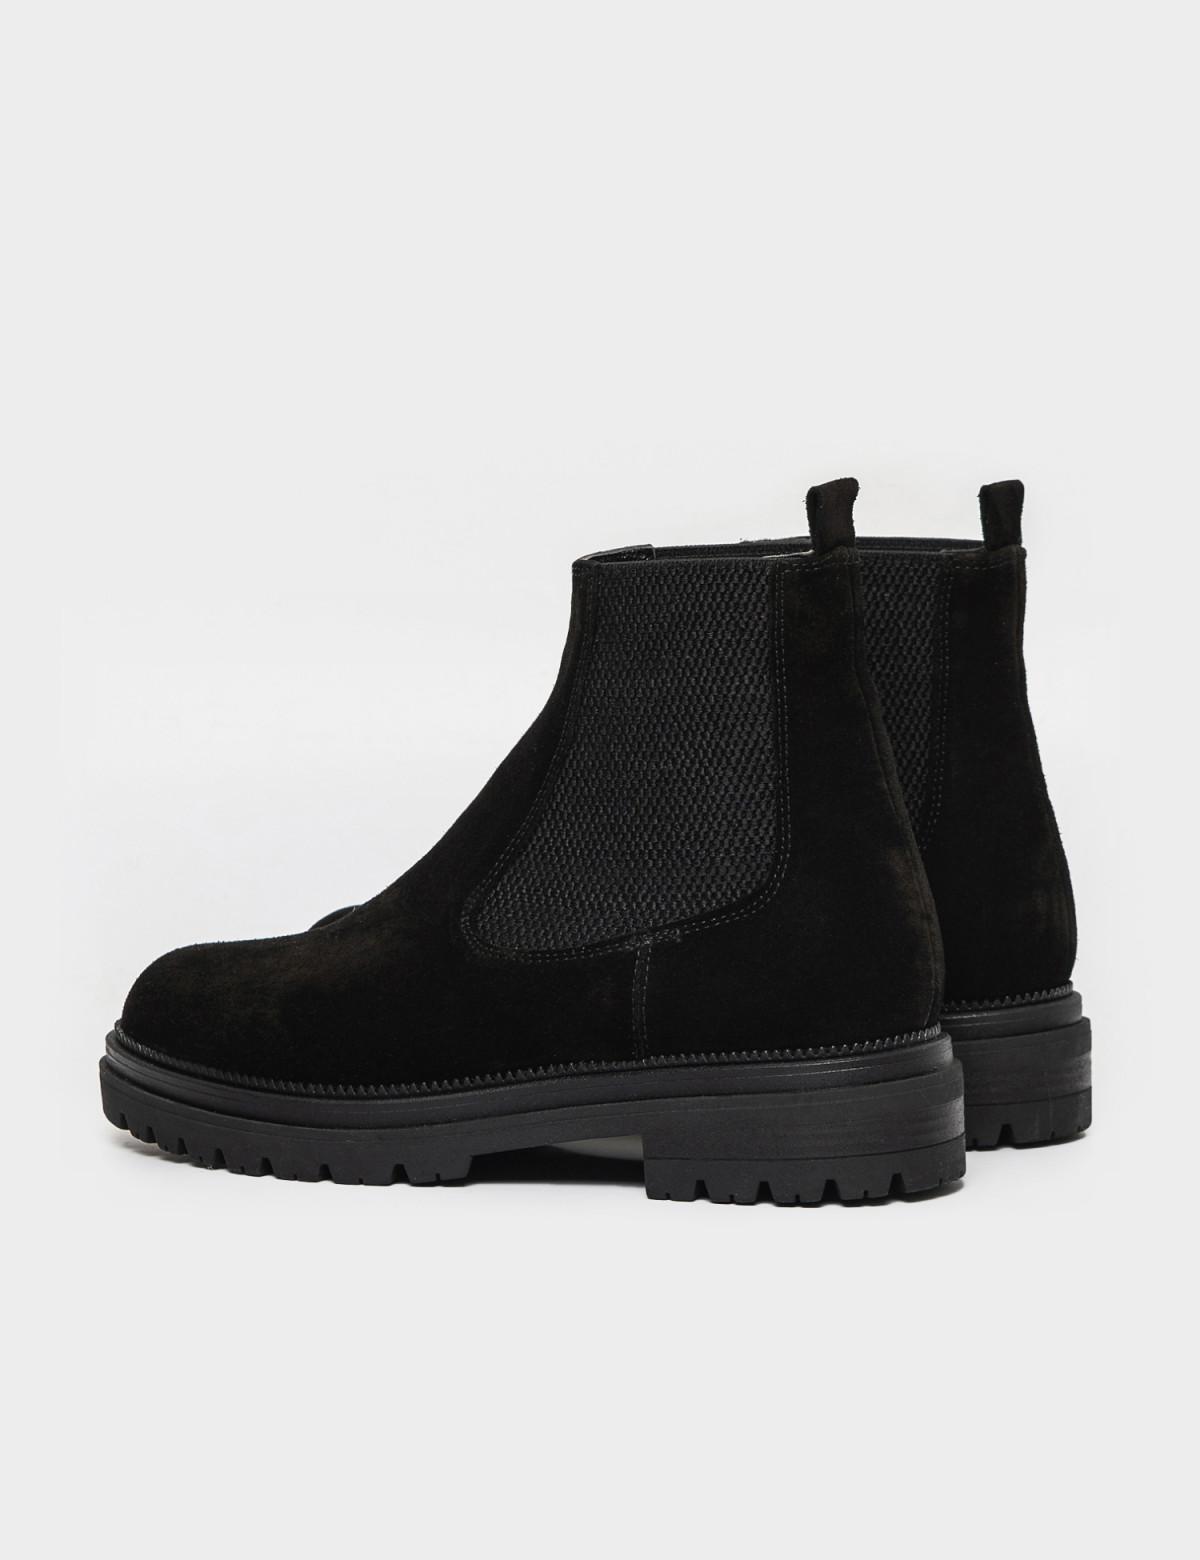 Ботинки черные. Натуральная замша. Байка1